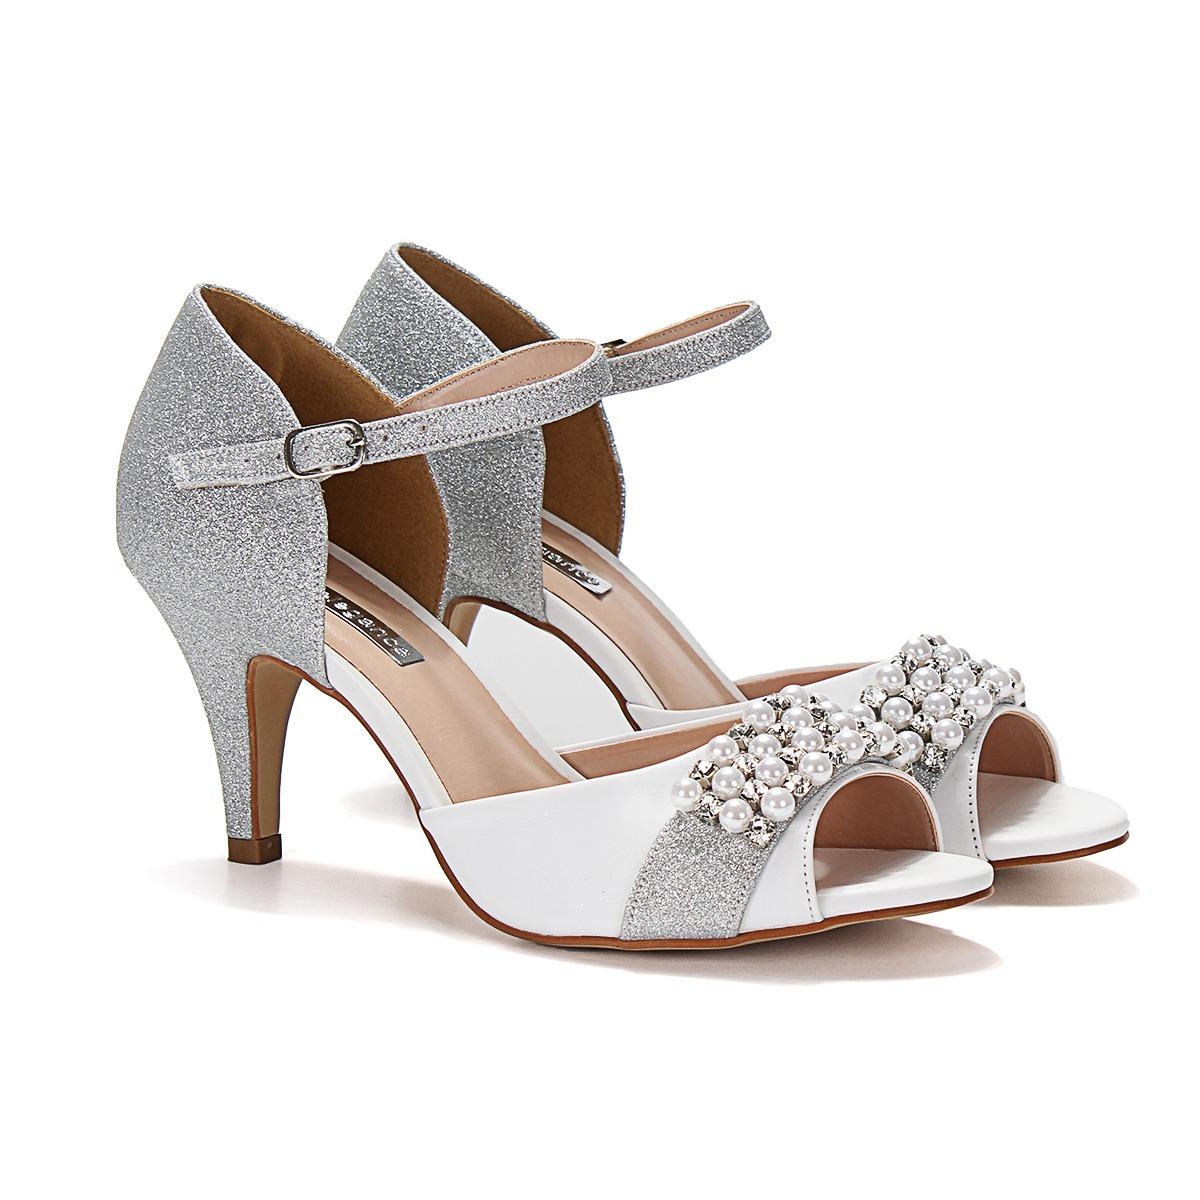 c2c0be196 sandália napa branca glítter prata bordada salto fino médio. Carregando zoom .